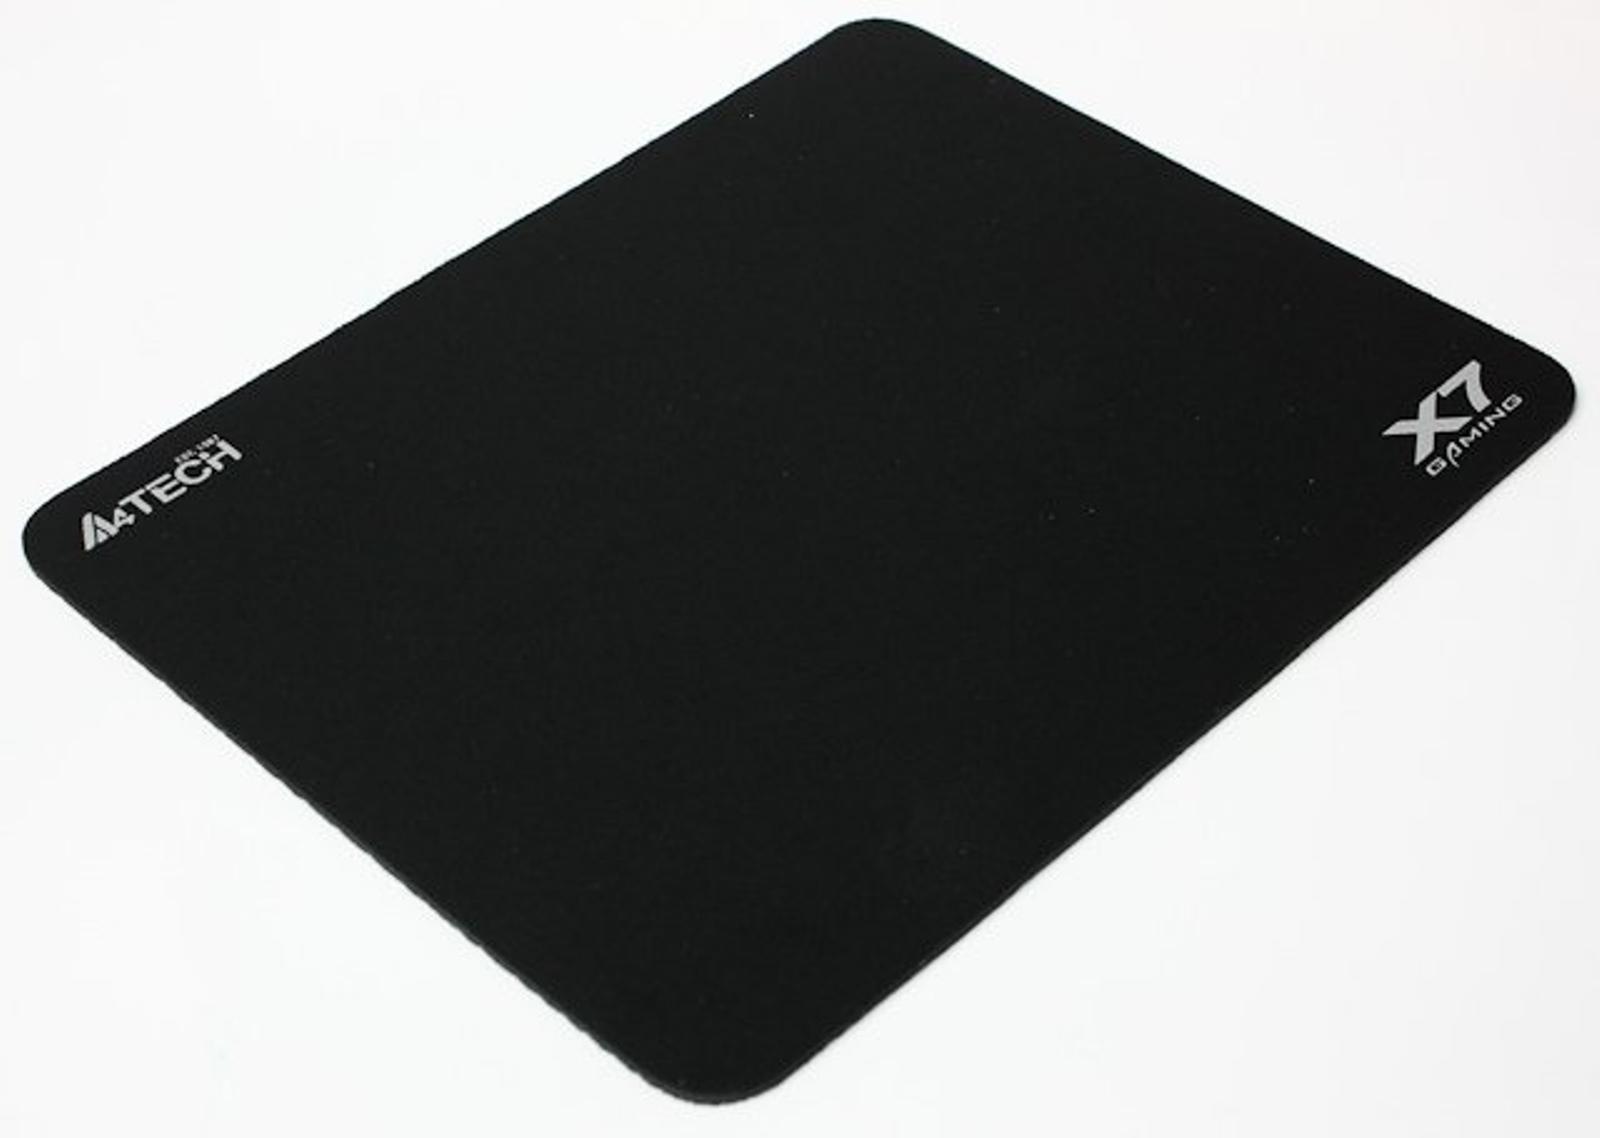 A4TECH X7-200MP (78895)